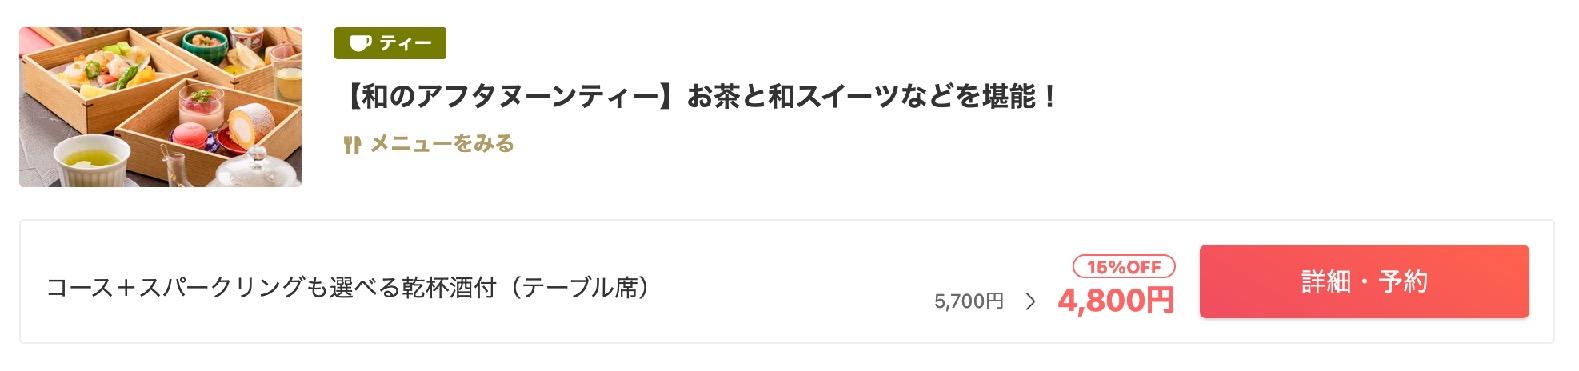 コートヤード・マリオット銀座東武ホテルのアフタヌーンティーの価格例(一休)